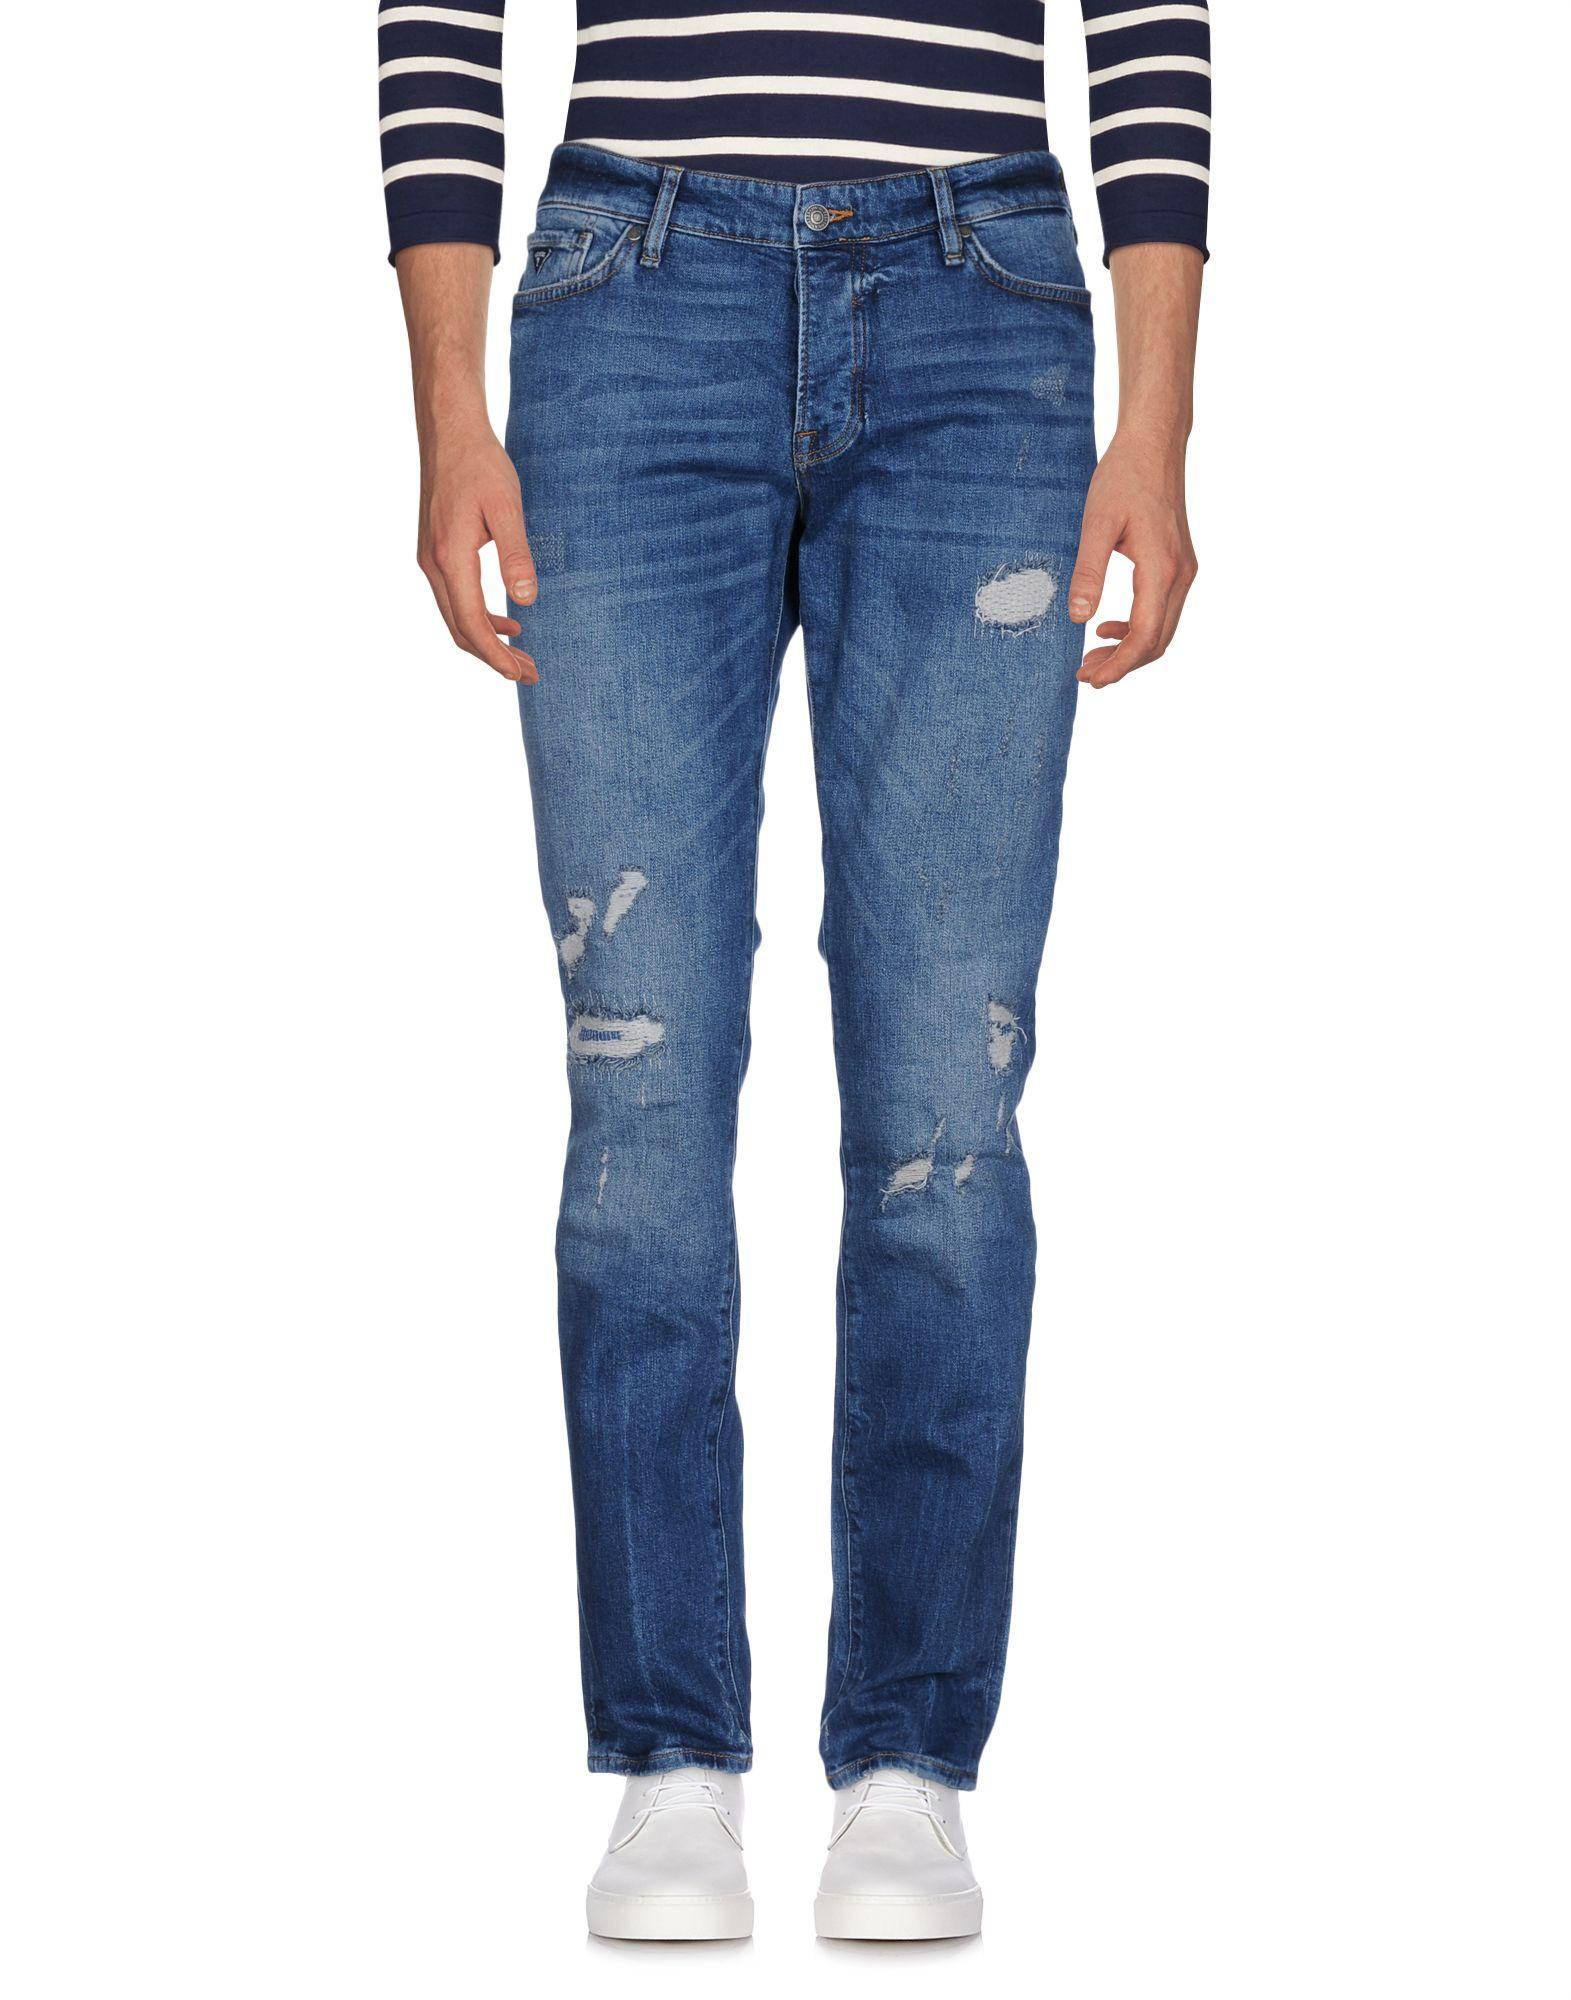 Pantaloni Jeans Guess Uomo - - - 42627836CX e45859